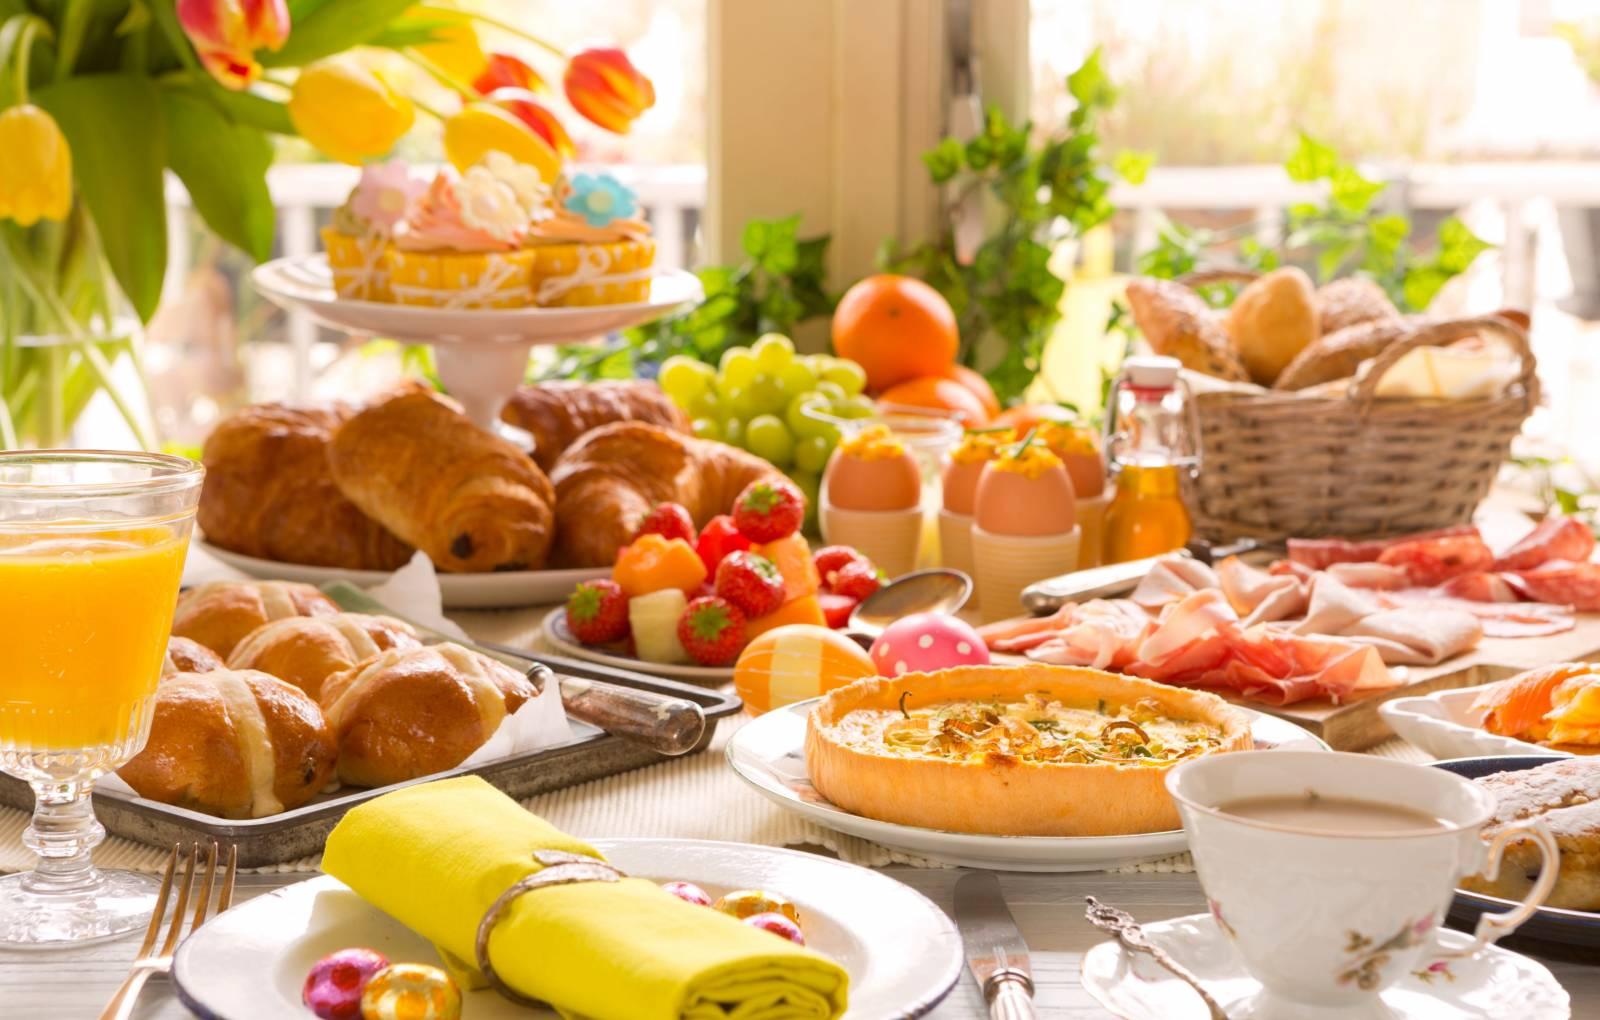 10 советов о том, как есть вкусно и не толстеть